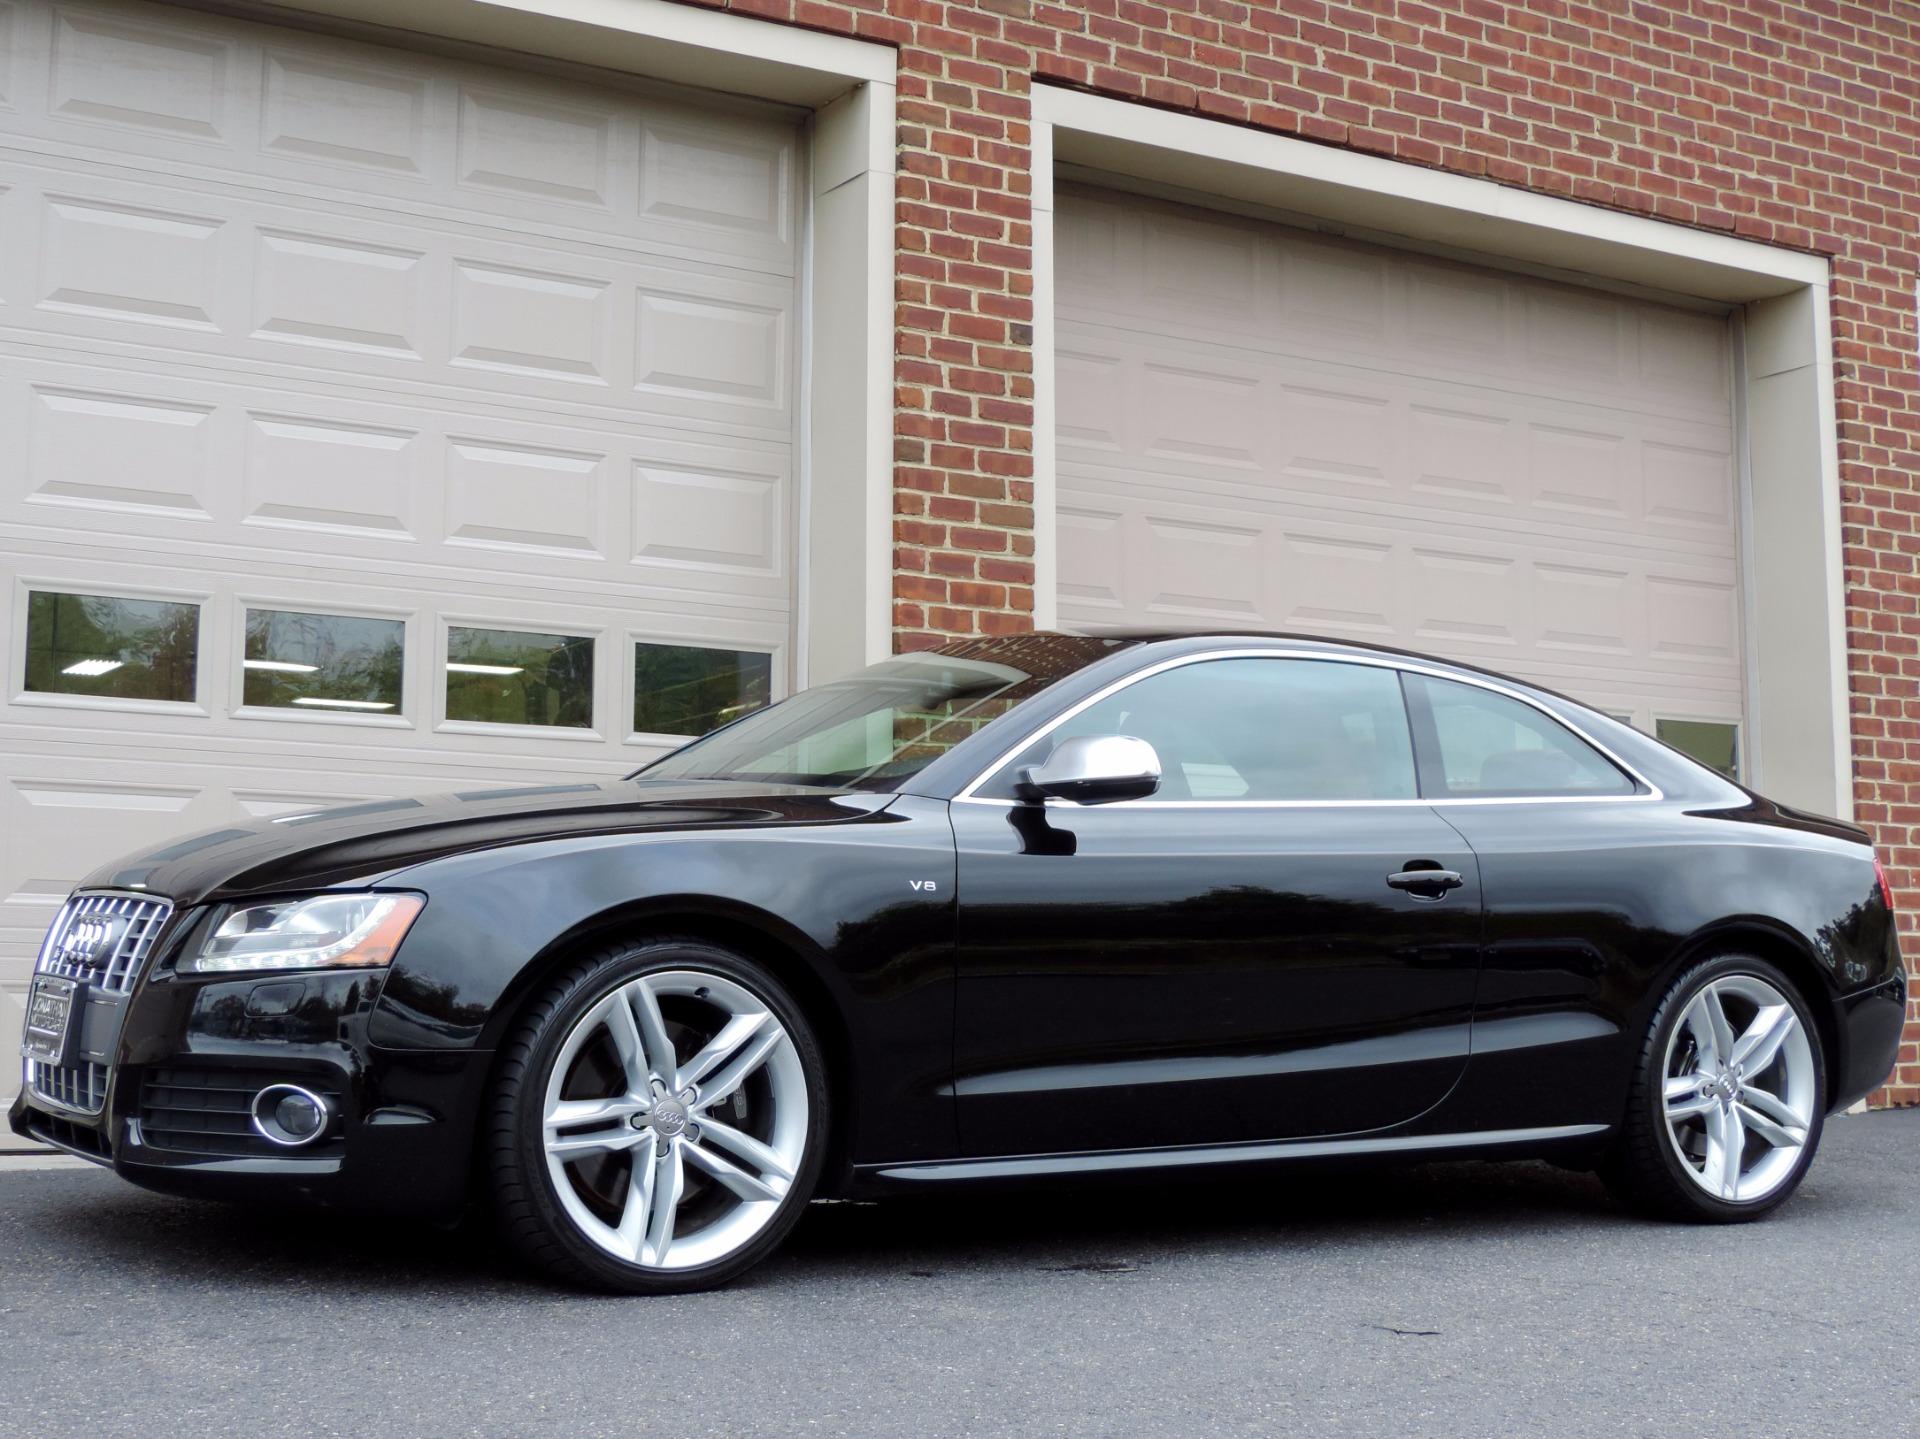 2010 Audi S5 4 2 Quattro Prestige Stock 018517 For Sale